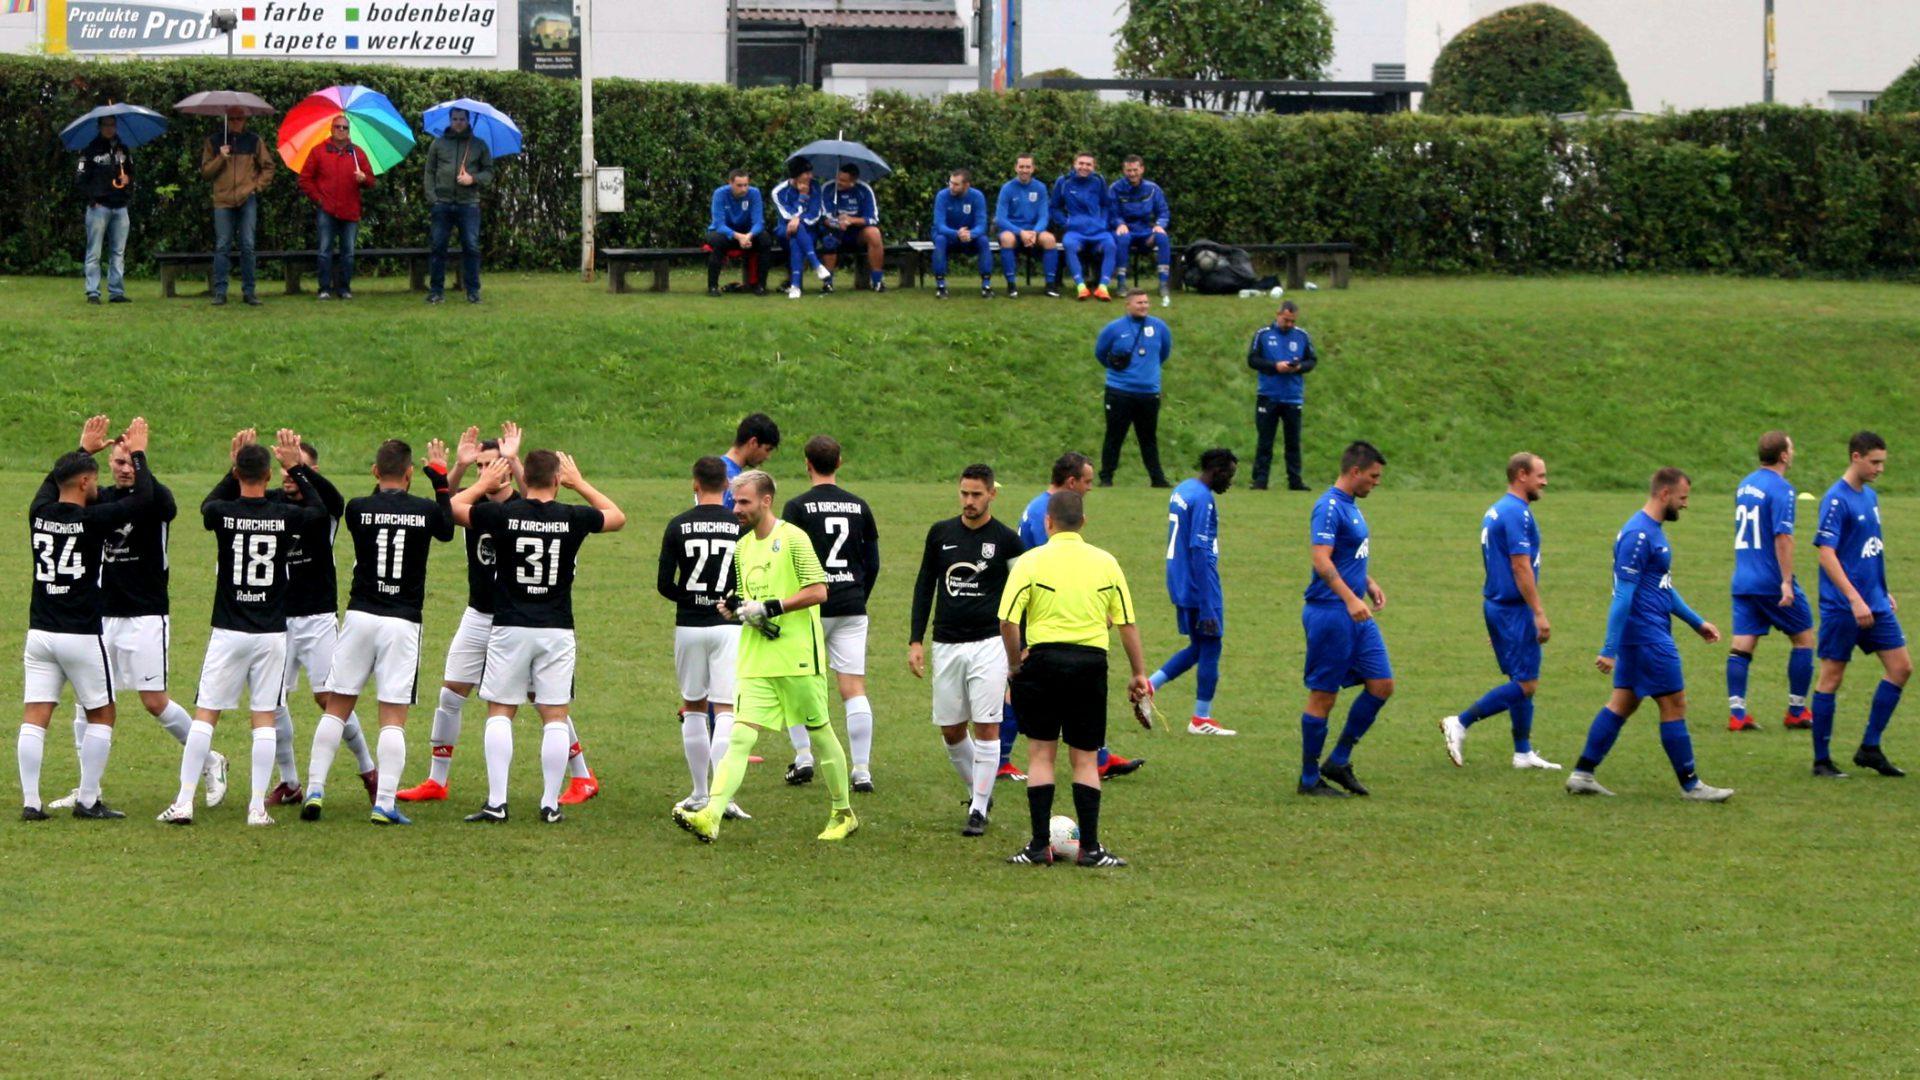 TG Kirchheim - TSV Ötlingen